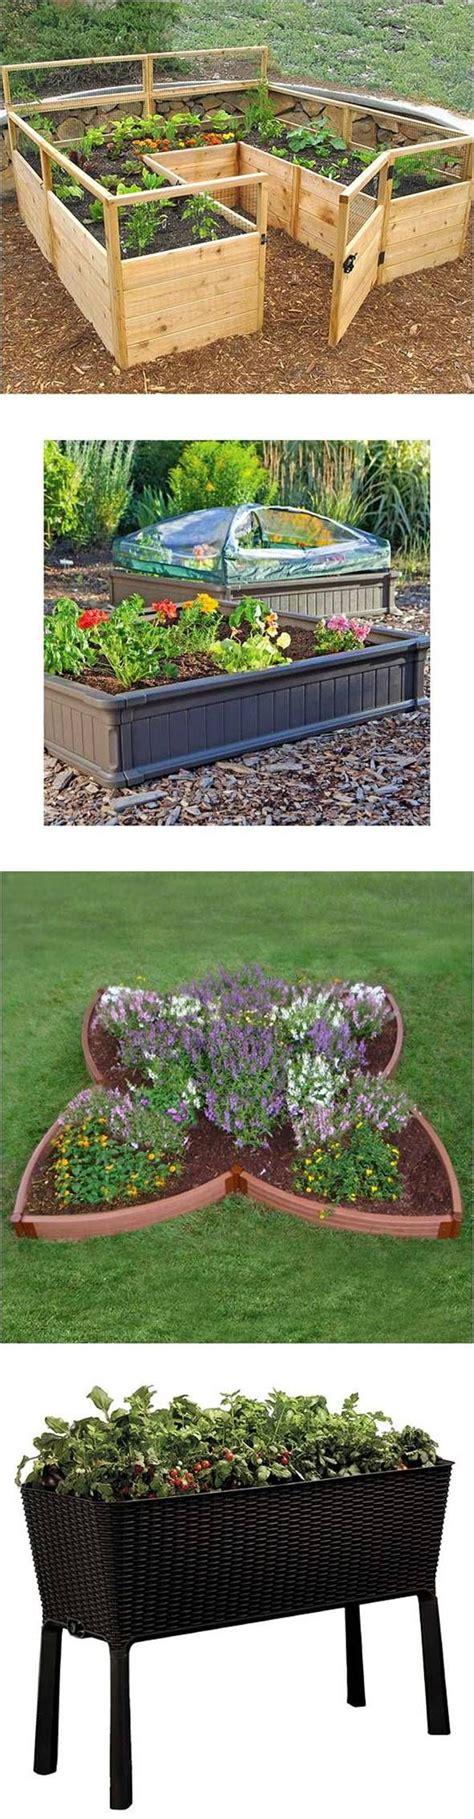 raised bed garden kits 25 best ideas about raised garden bed kits on pinterest